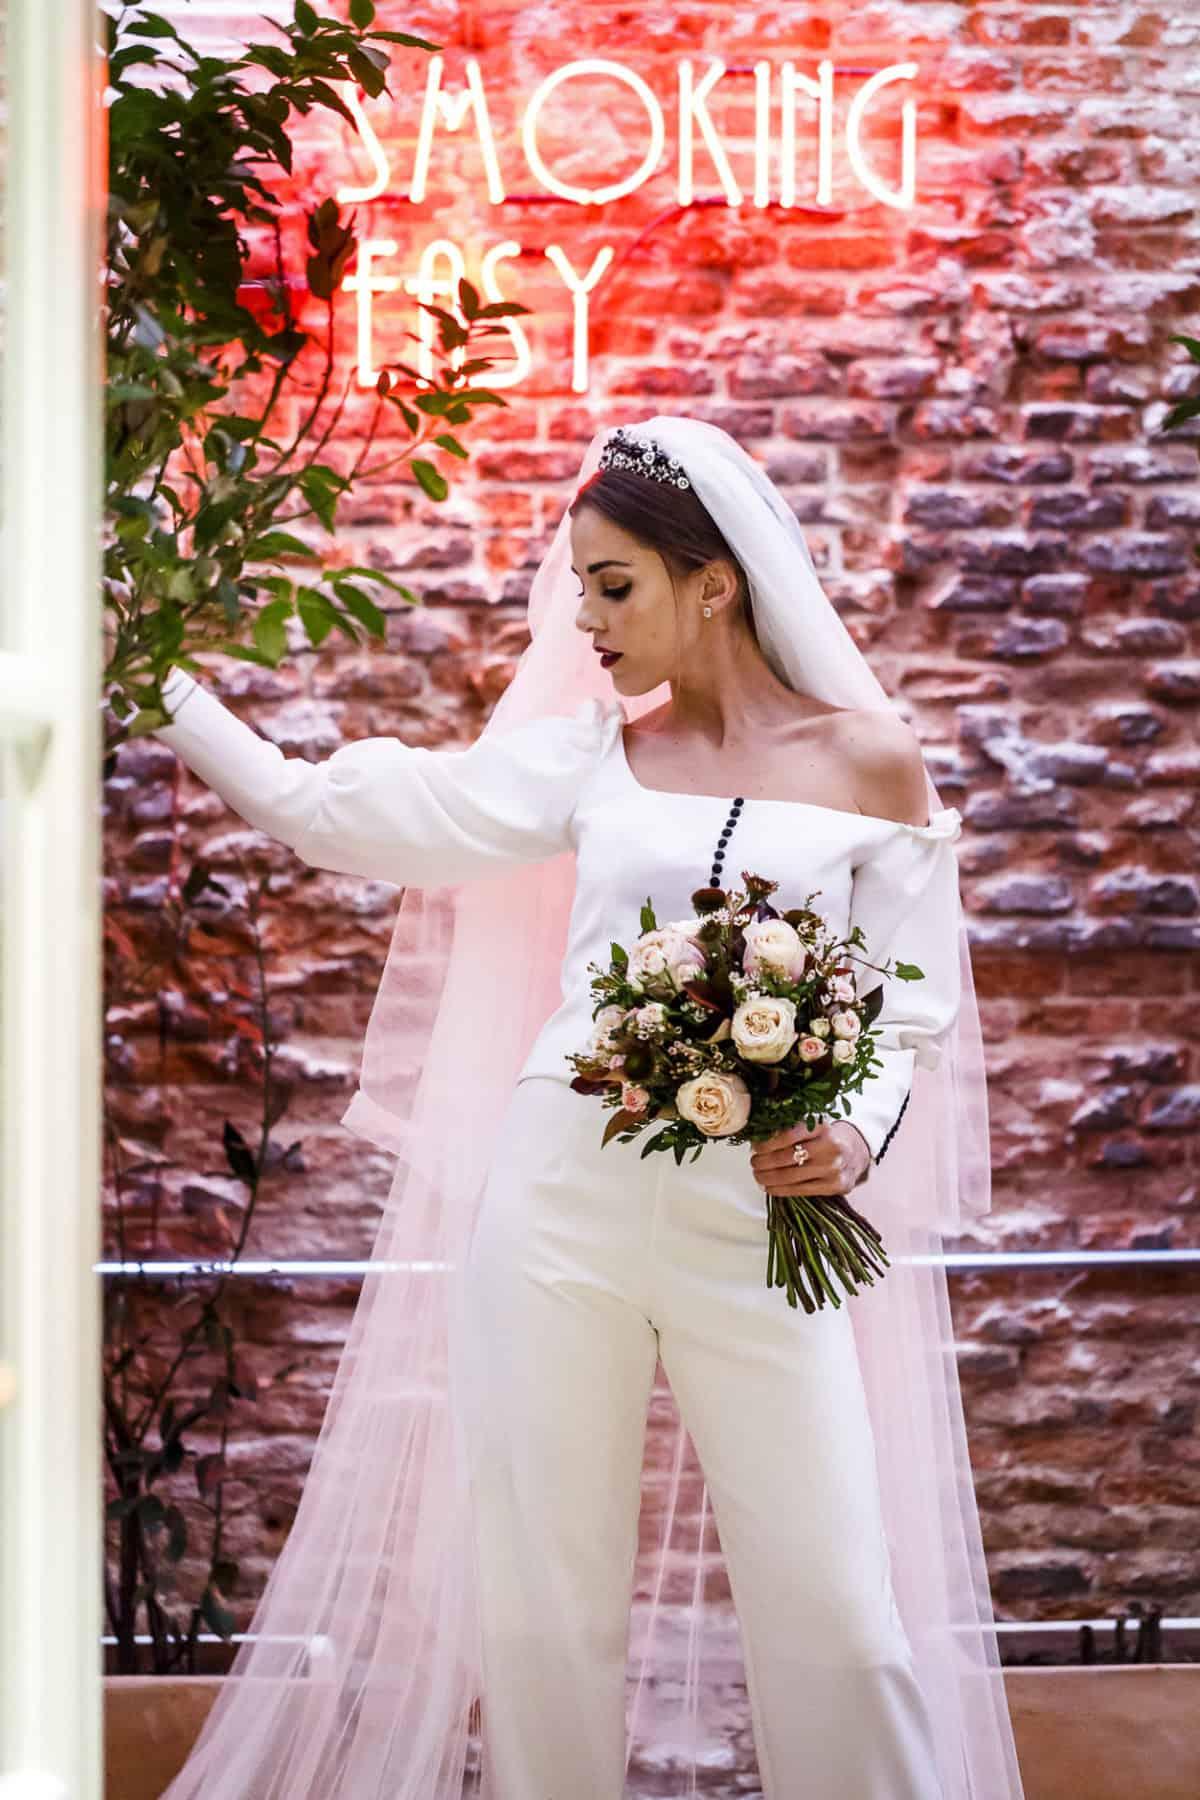 bca7b3236 La novia de los ojos color Coca Cola - Las bodas de Tatín